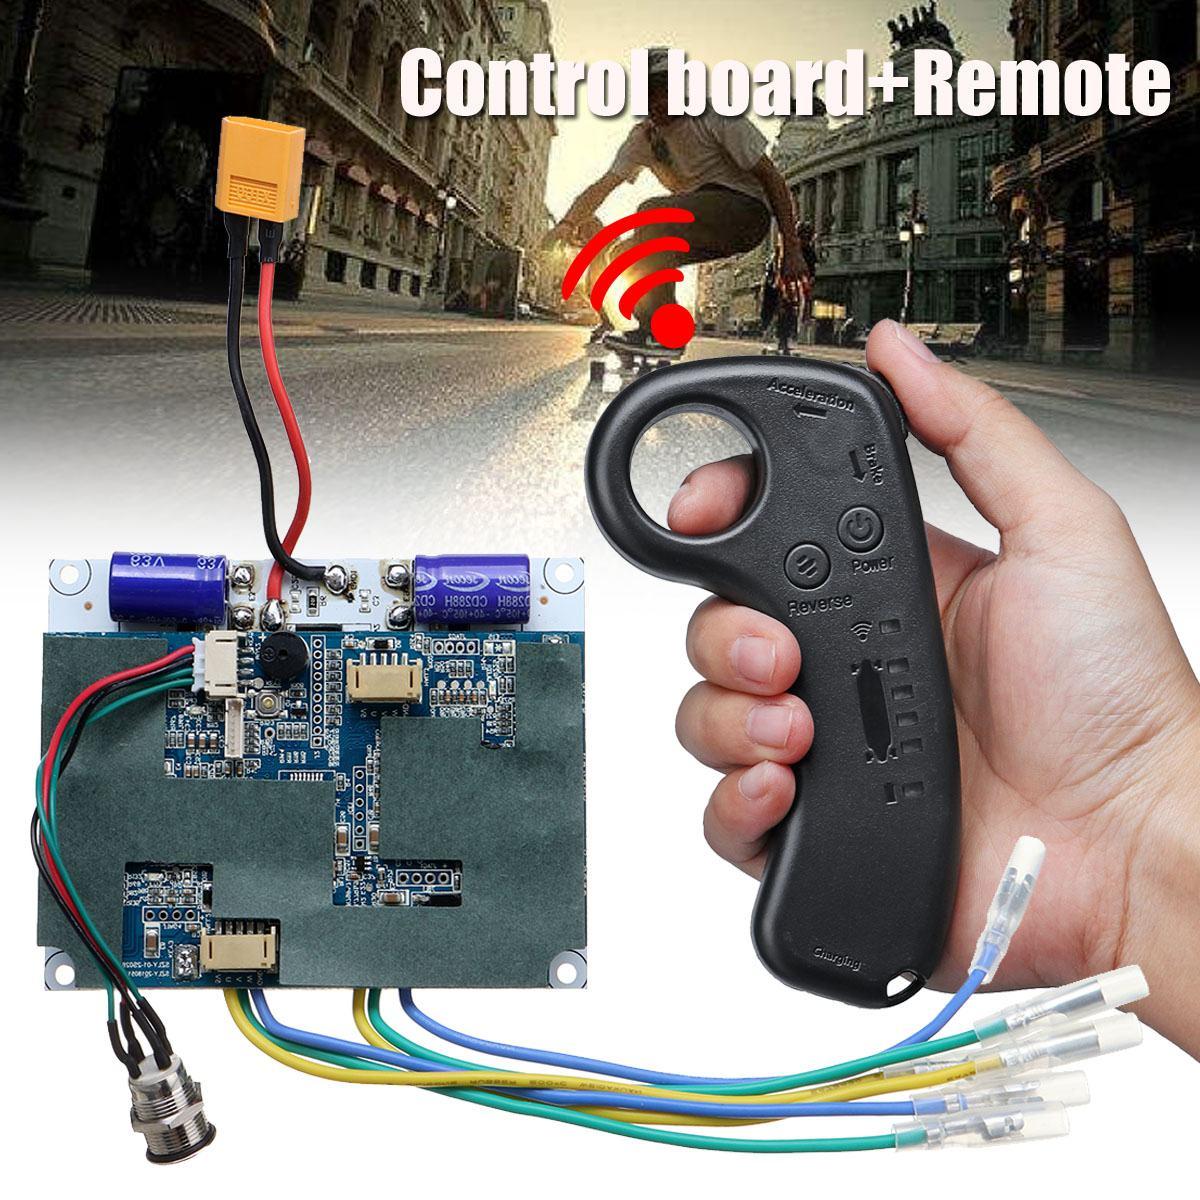 36 в двойной мотор электрический скейтборд Лонгборд контроллер концентратор esc мотор мини пульт дистанционного управления электрический ск...